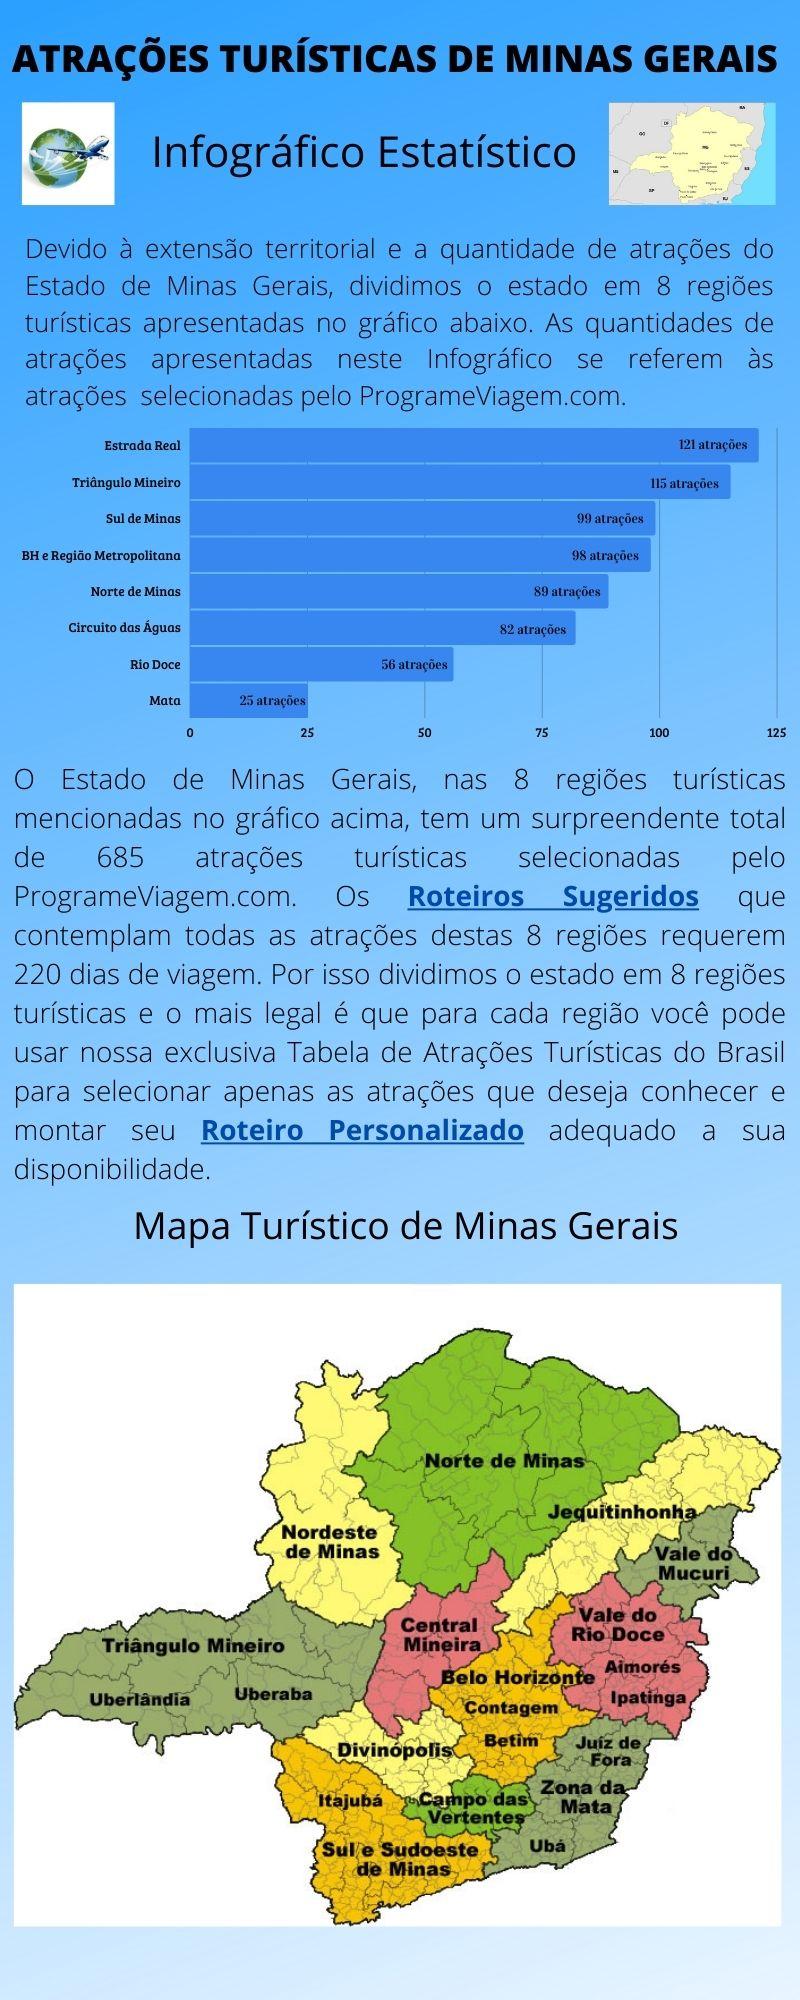 Infográfico Atrações Turísticas de Minas Gerais 1